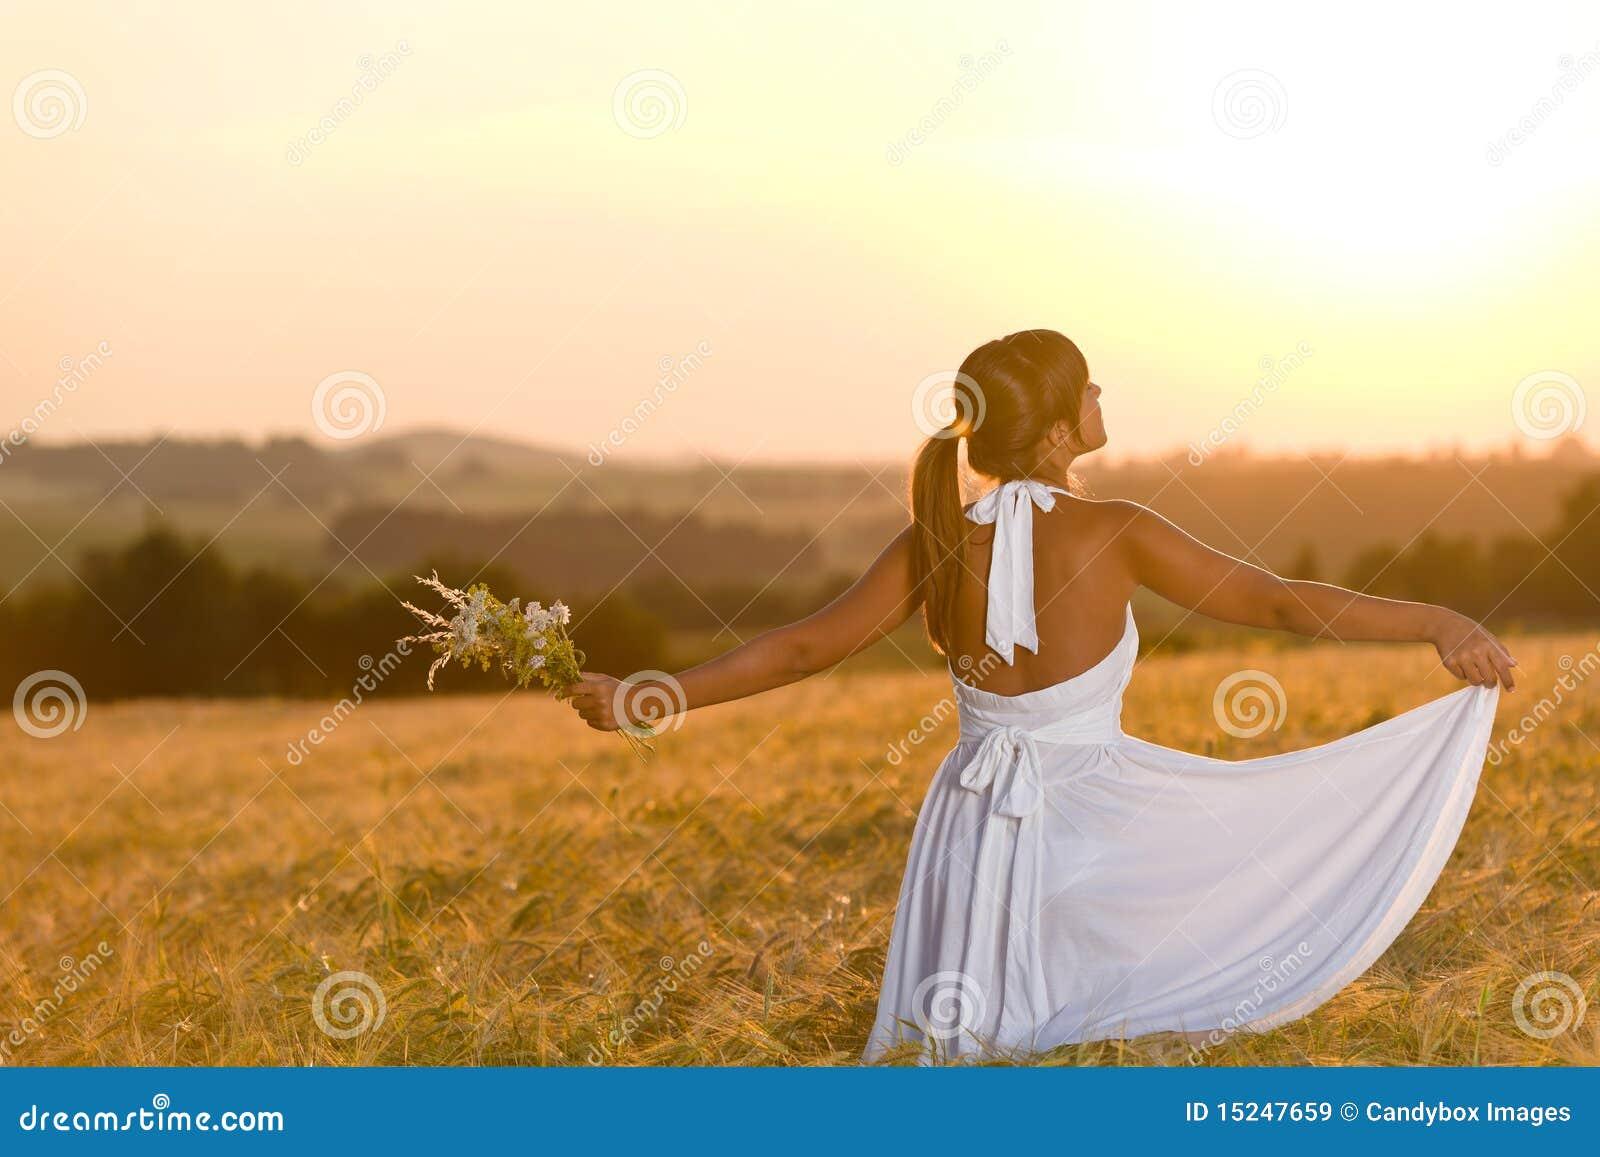 Romantic Woman In Sunset Corn Field Wear Dress Royalty ...